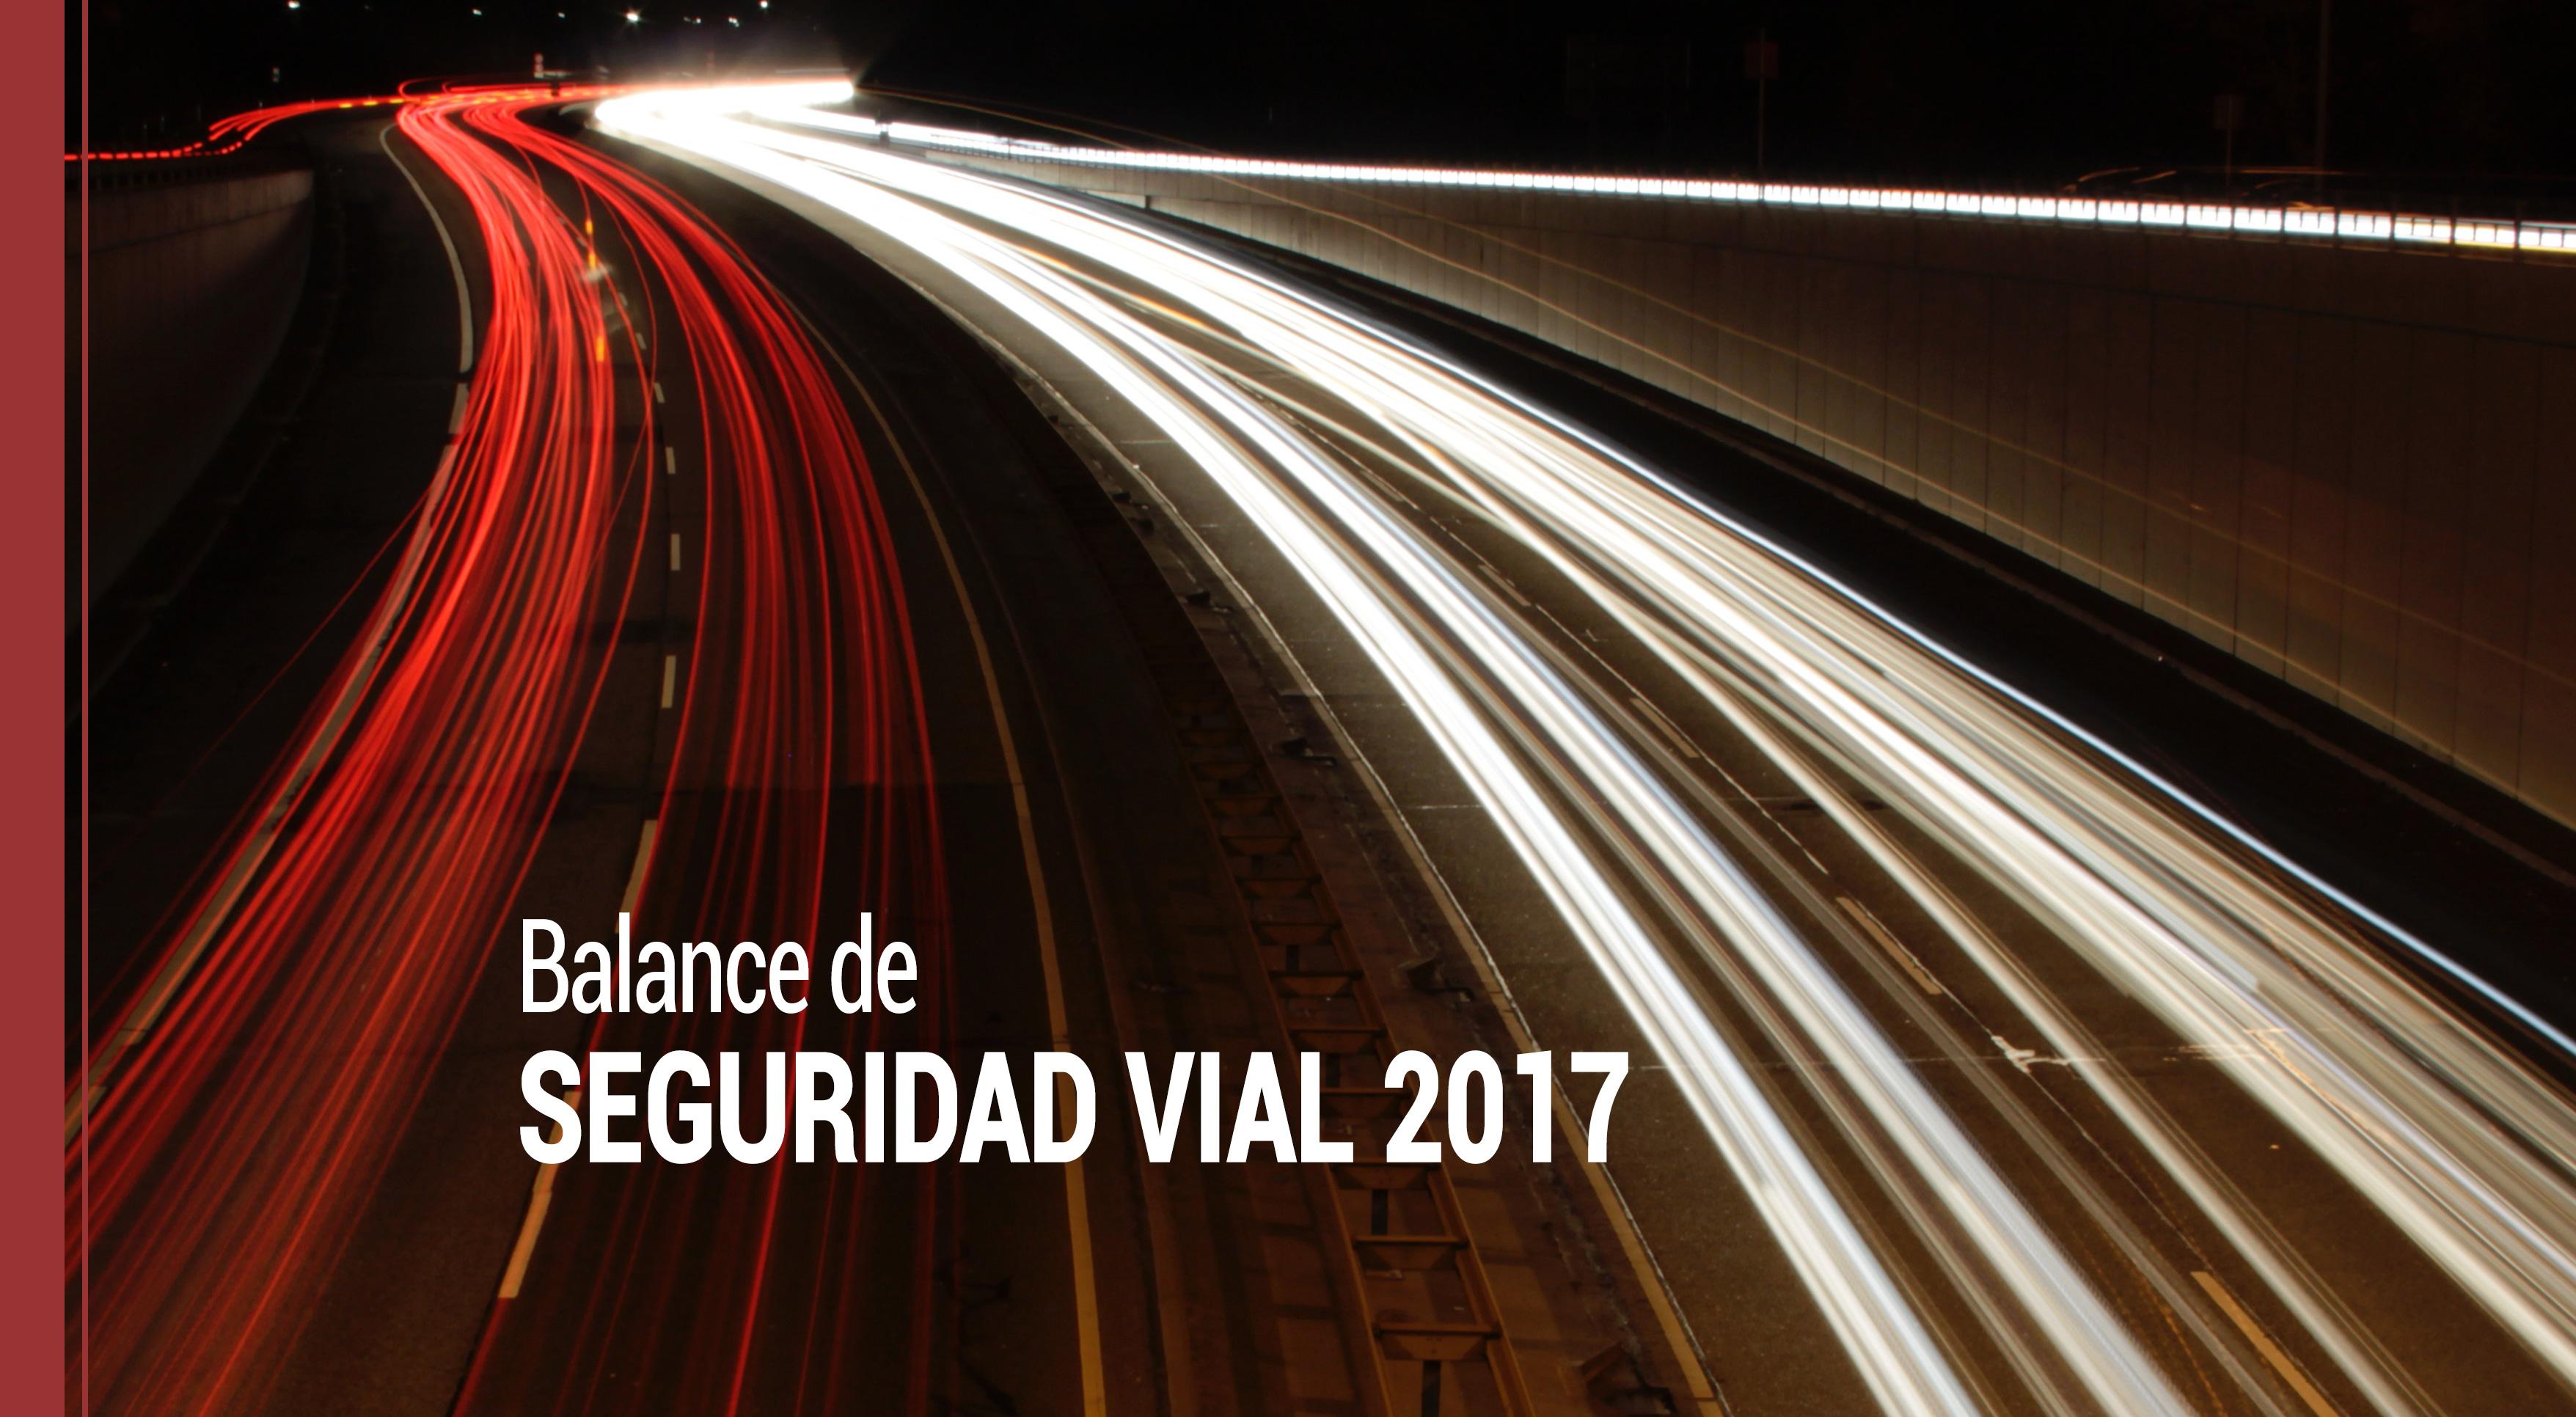 balance-seguridad-vial-2017 ¿Cómo ha sido el balance de seguridad vial en 2017?